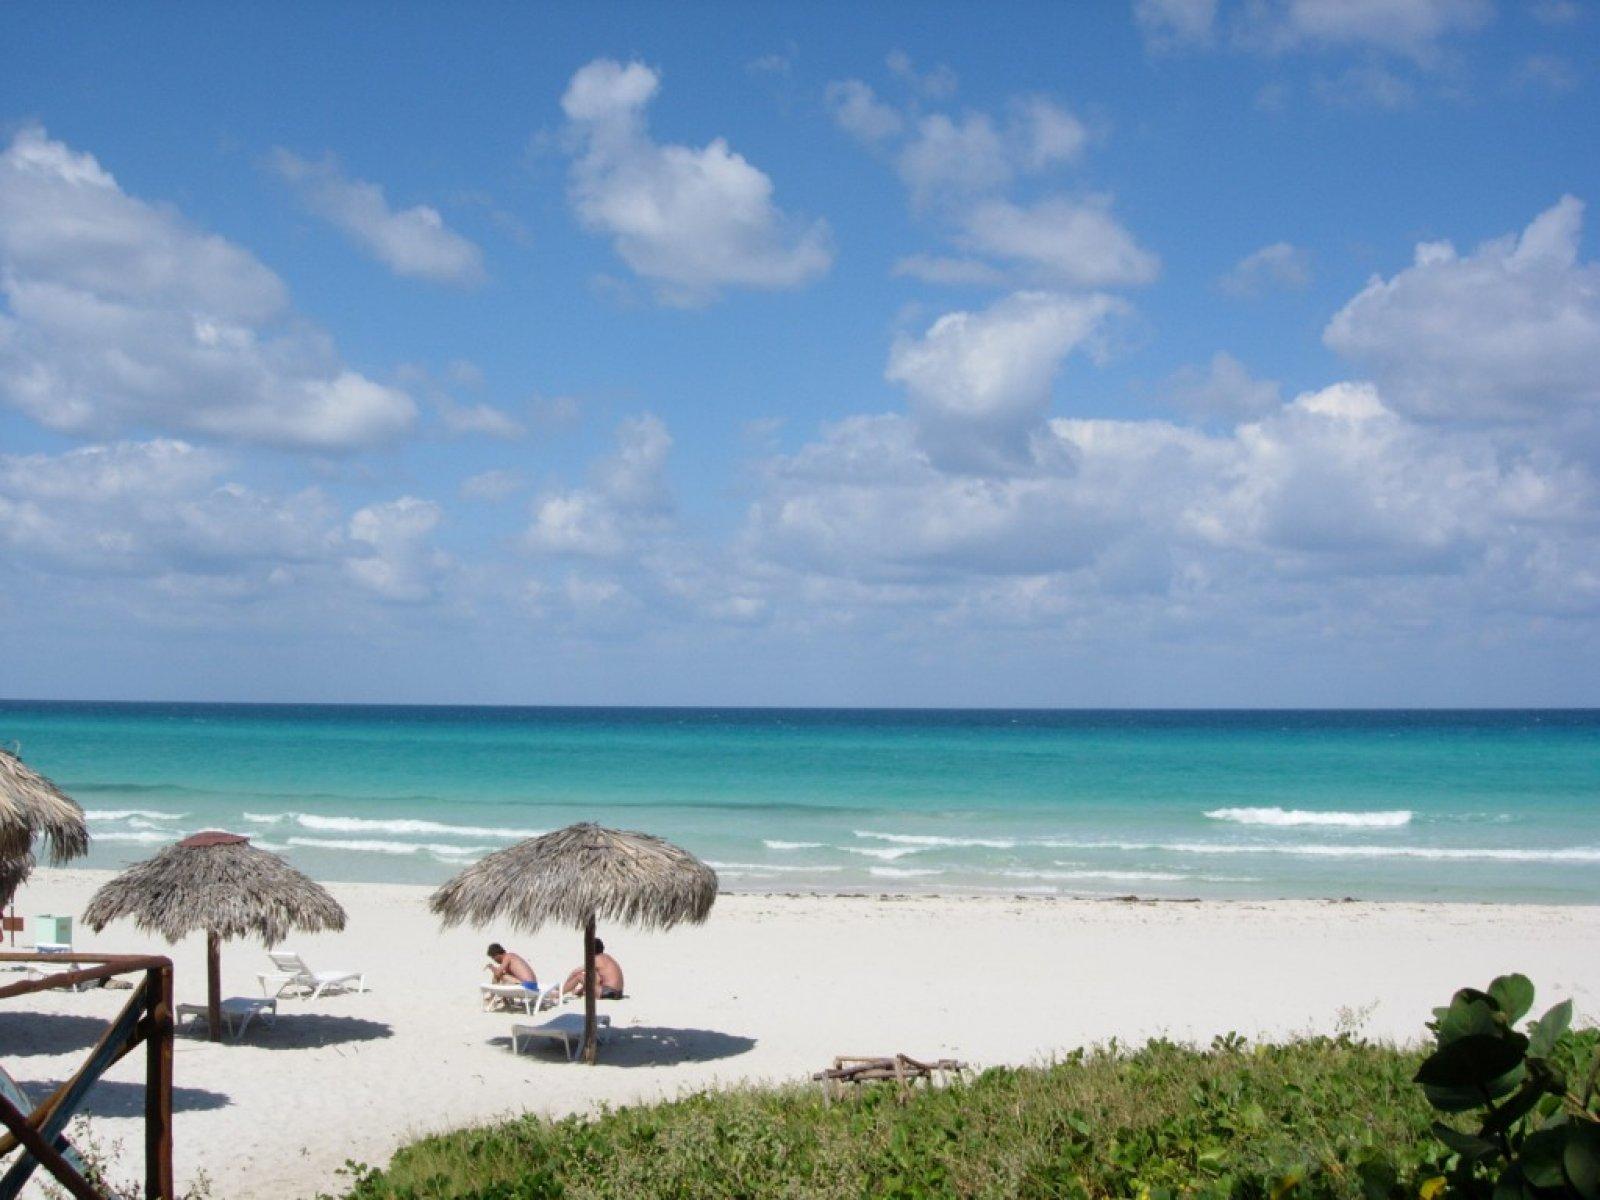 Фотографии кубинских пляжей 14 фотография